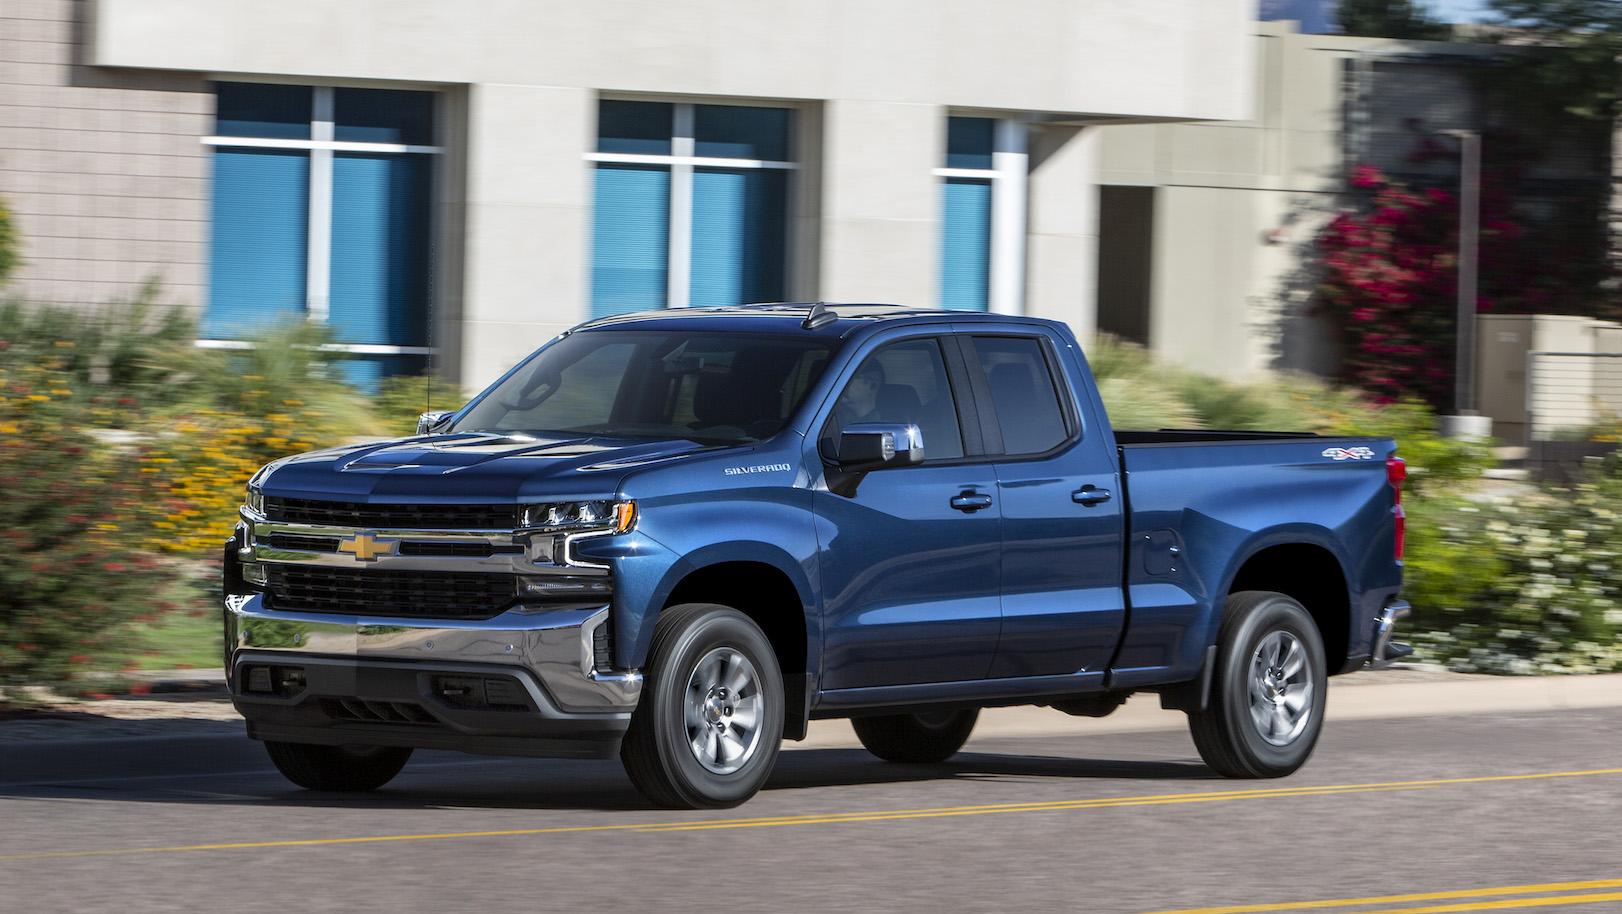 A blue 2019 Chevrolet Silverado pickup.